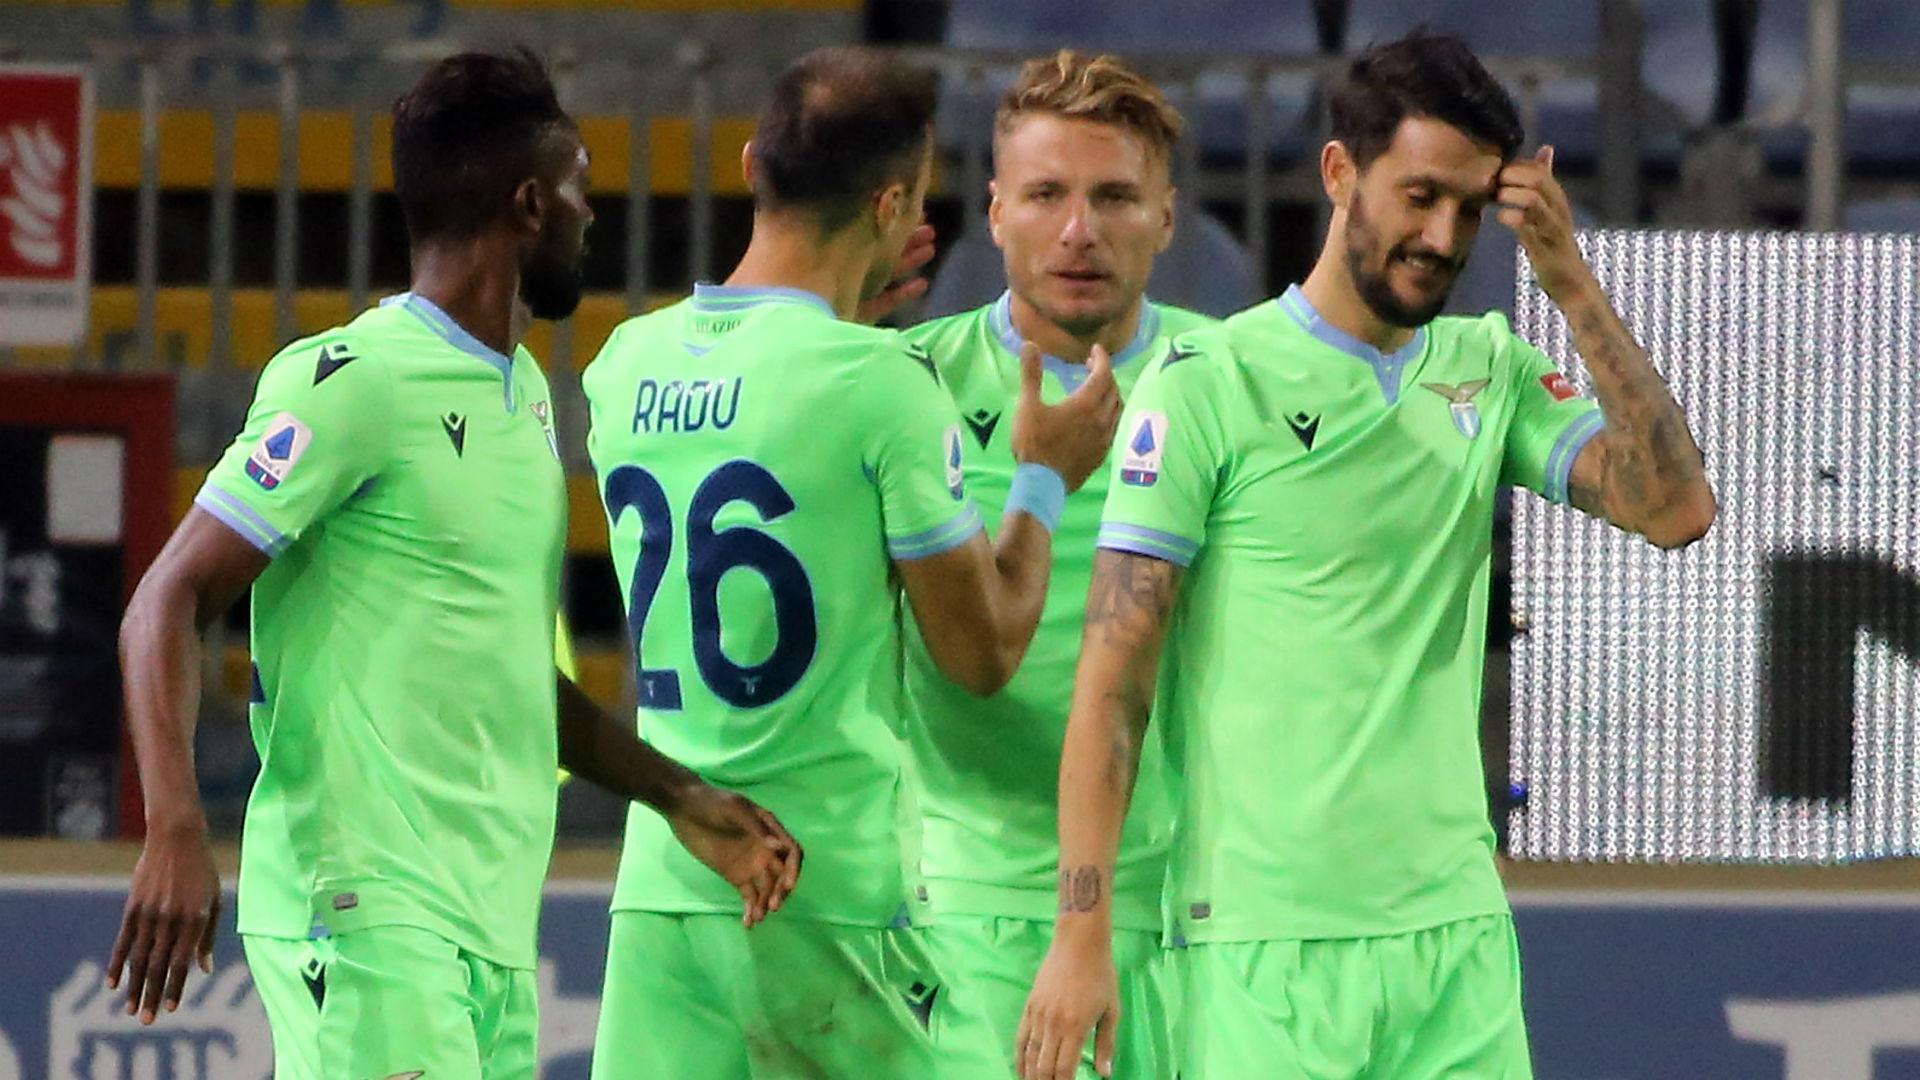 Sampdoria-Lazio, le formazioni ufficiali: Simone Inzaghi si affida a Caicedo e Correa